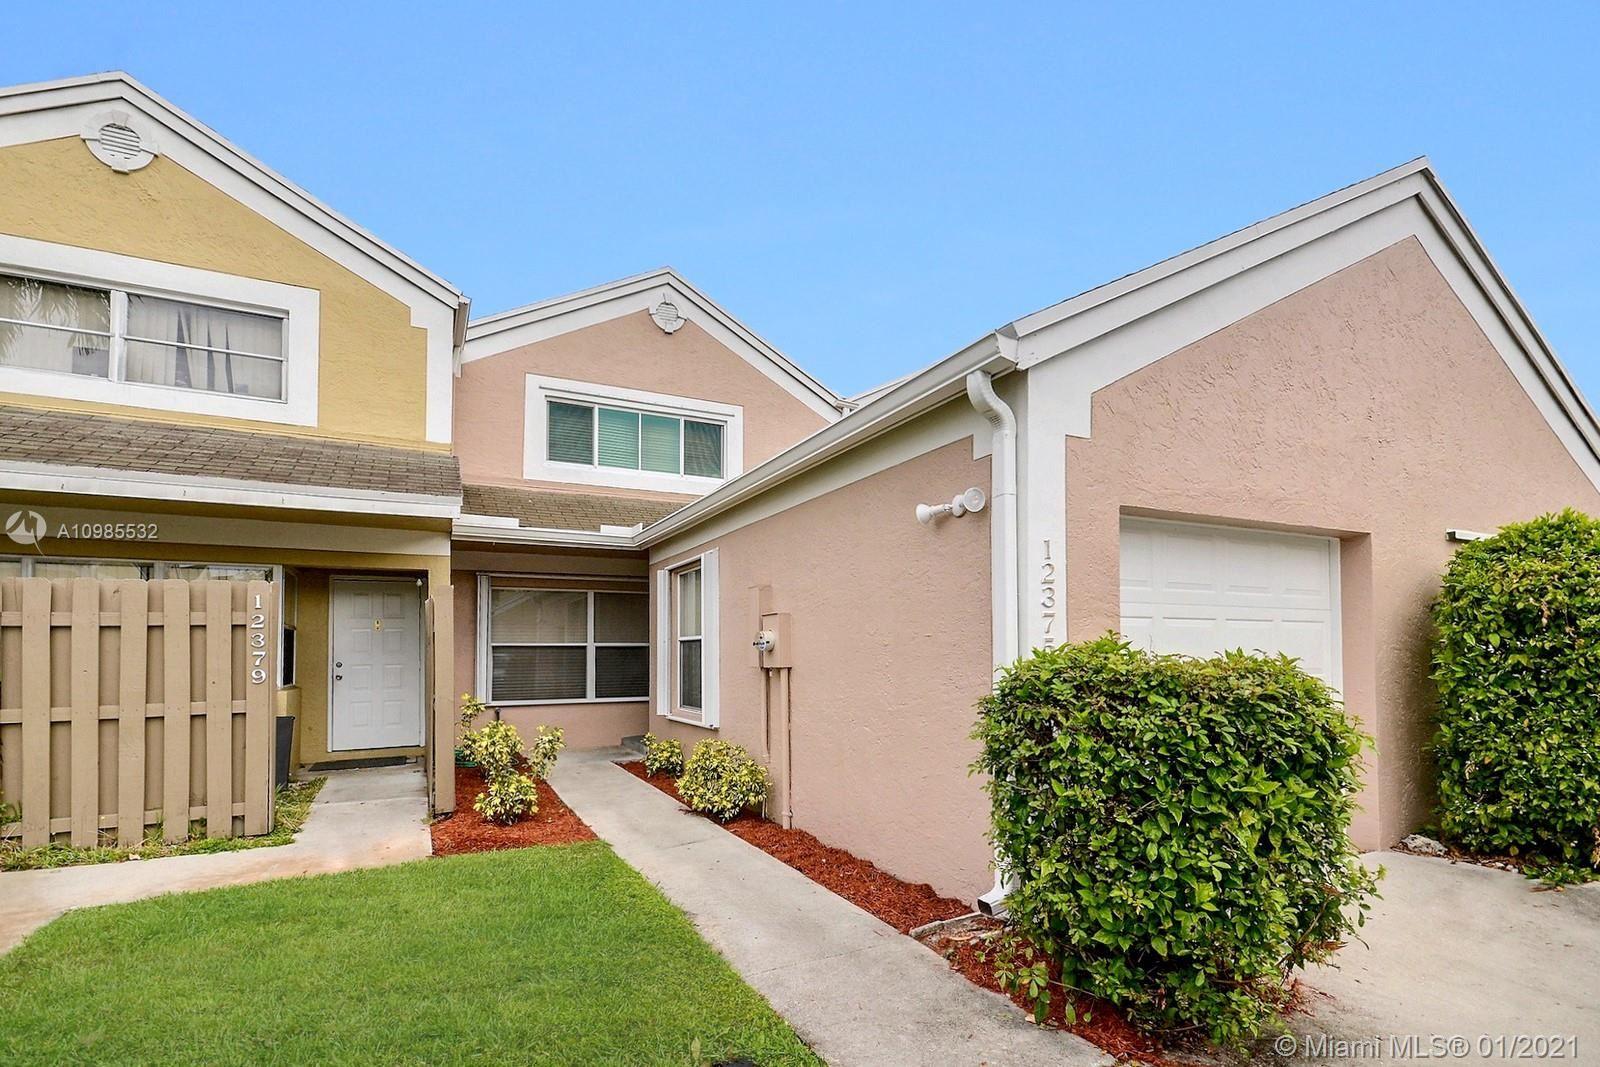 12375 NW 15th St, Pembroke Pines, FL 33026 - #: A10985532